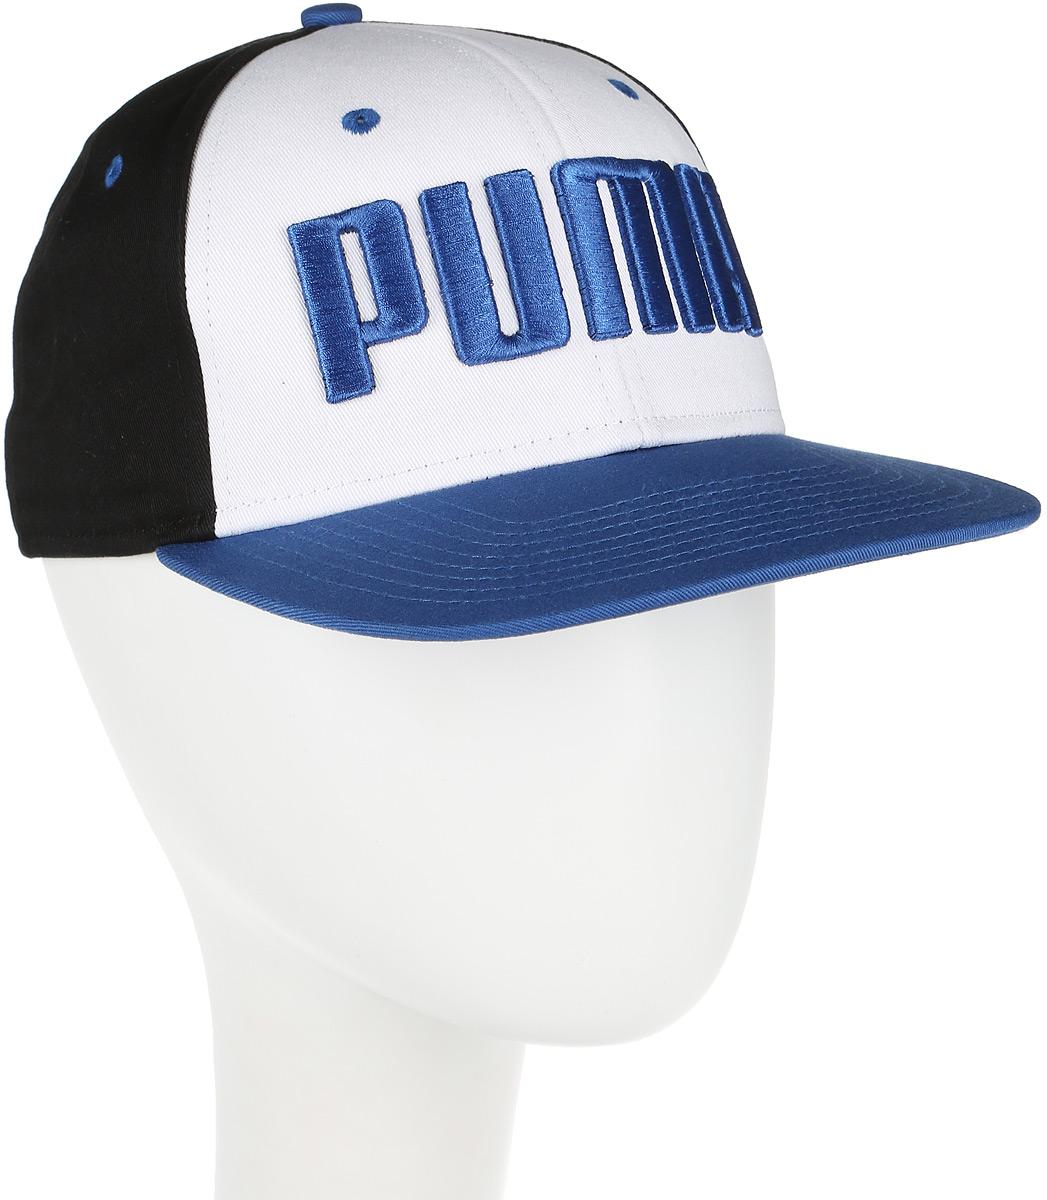 Бейсболка Puma ESS Flatbrim Cap, цвет: черный, белый, синий. 052921_08. Размер универсальный olto cch 2103 автомобильное зарядное устройство